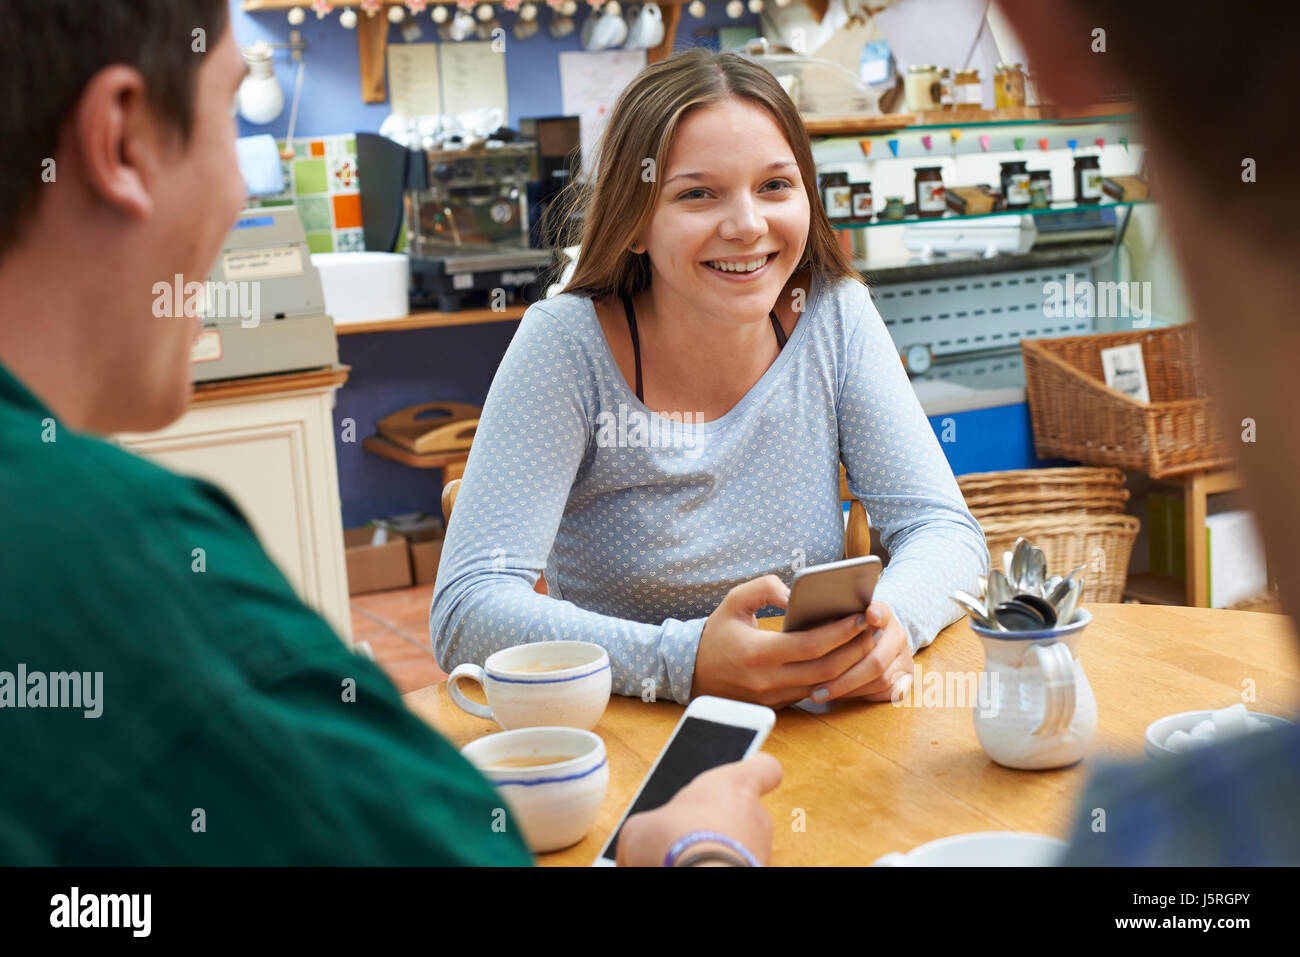 Gruppe von Jugendlichen Freunde treffen im Cafe und Benutzung von Mobiltelefonen Stockbild